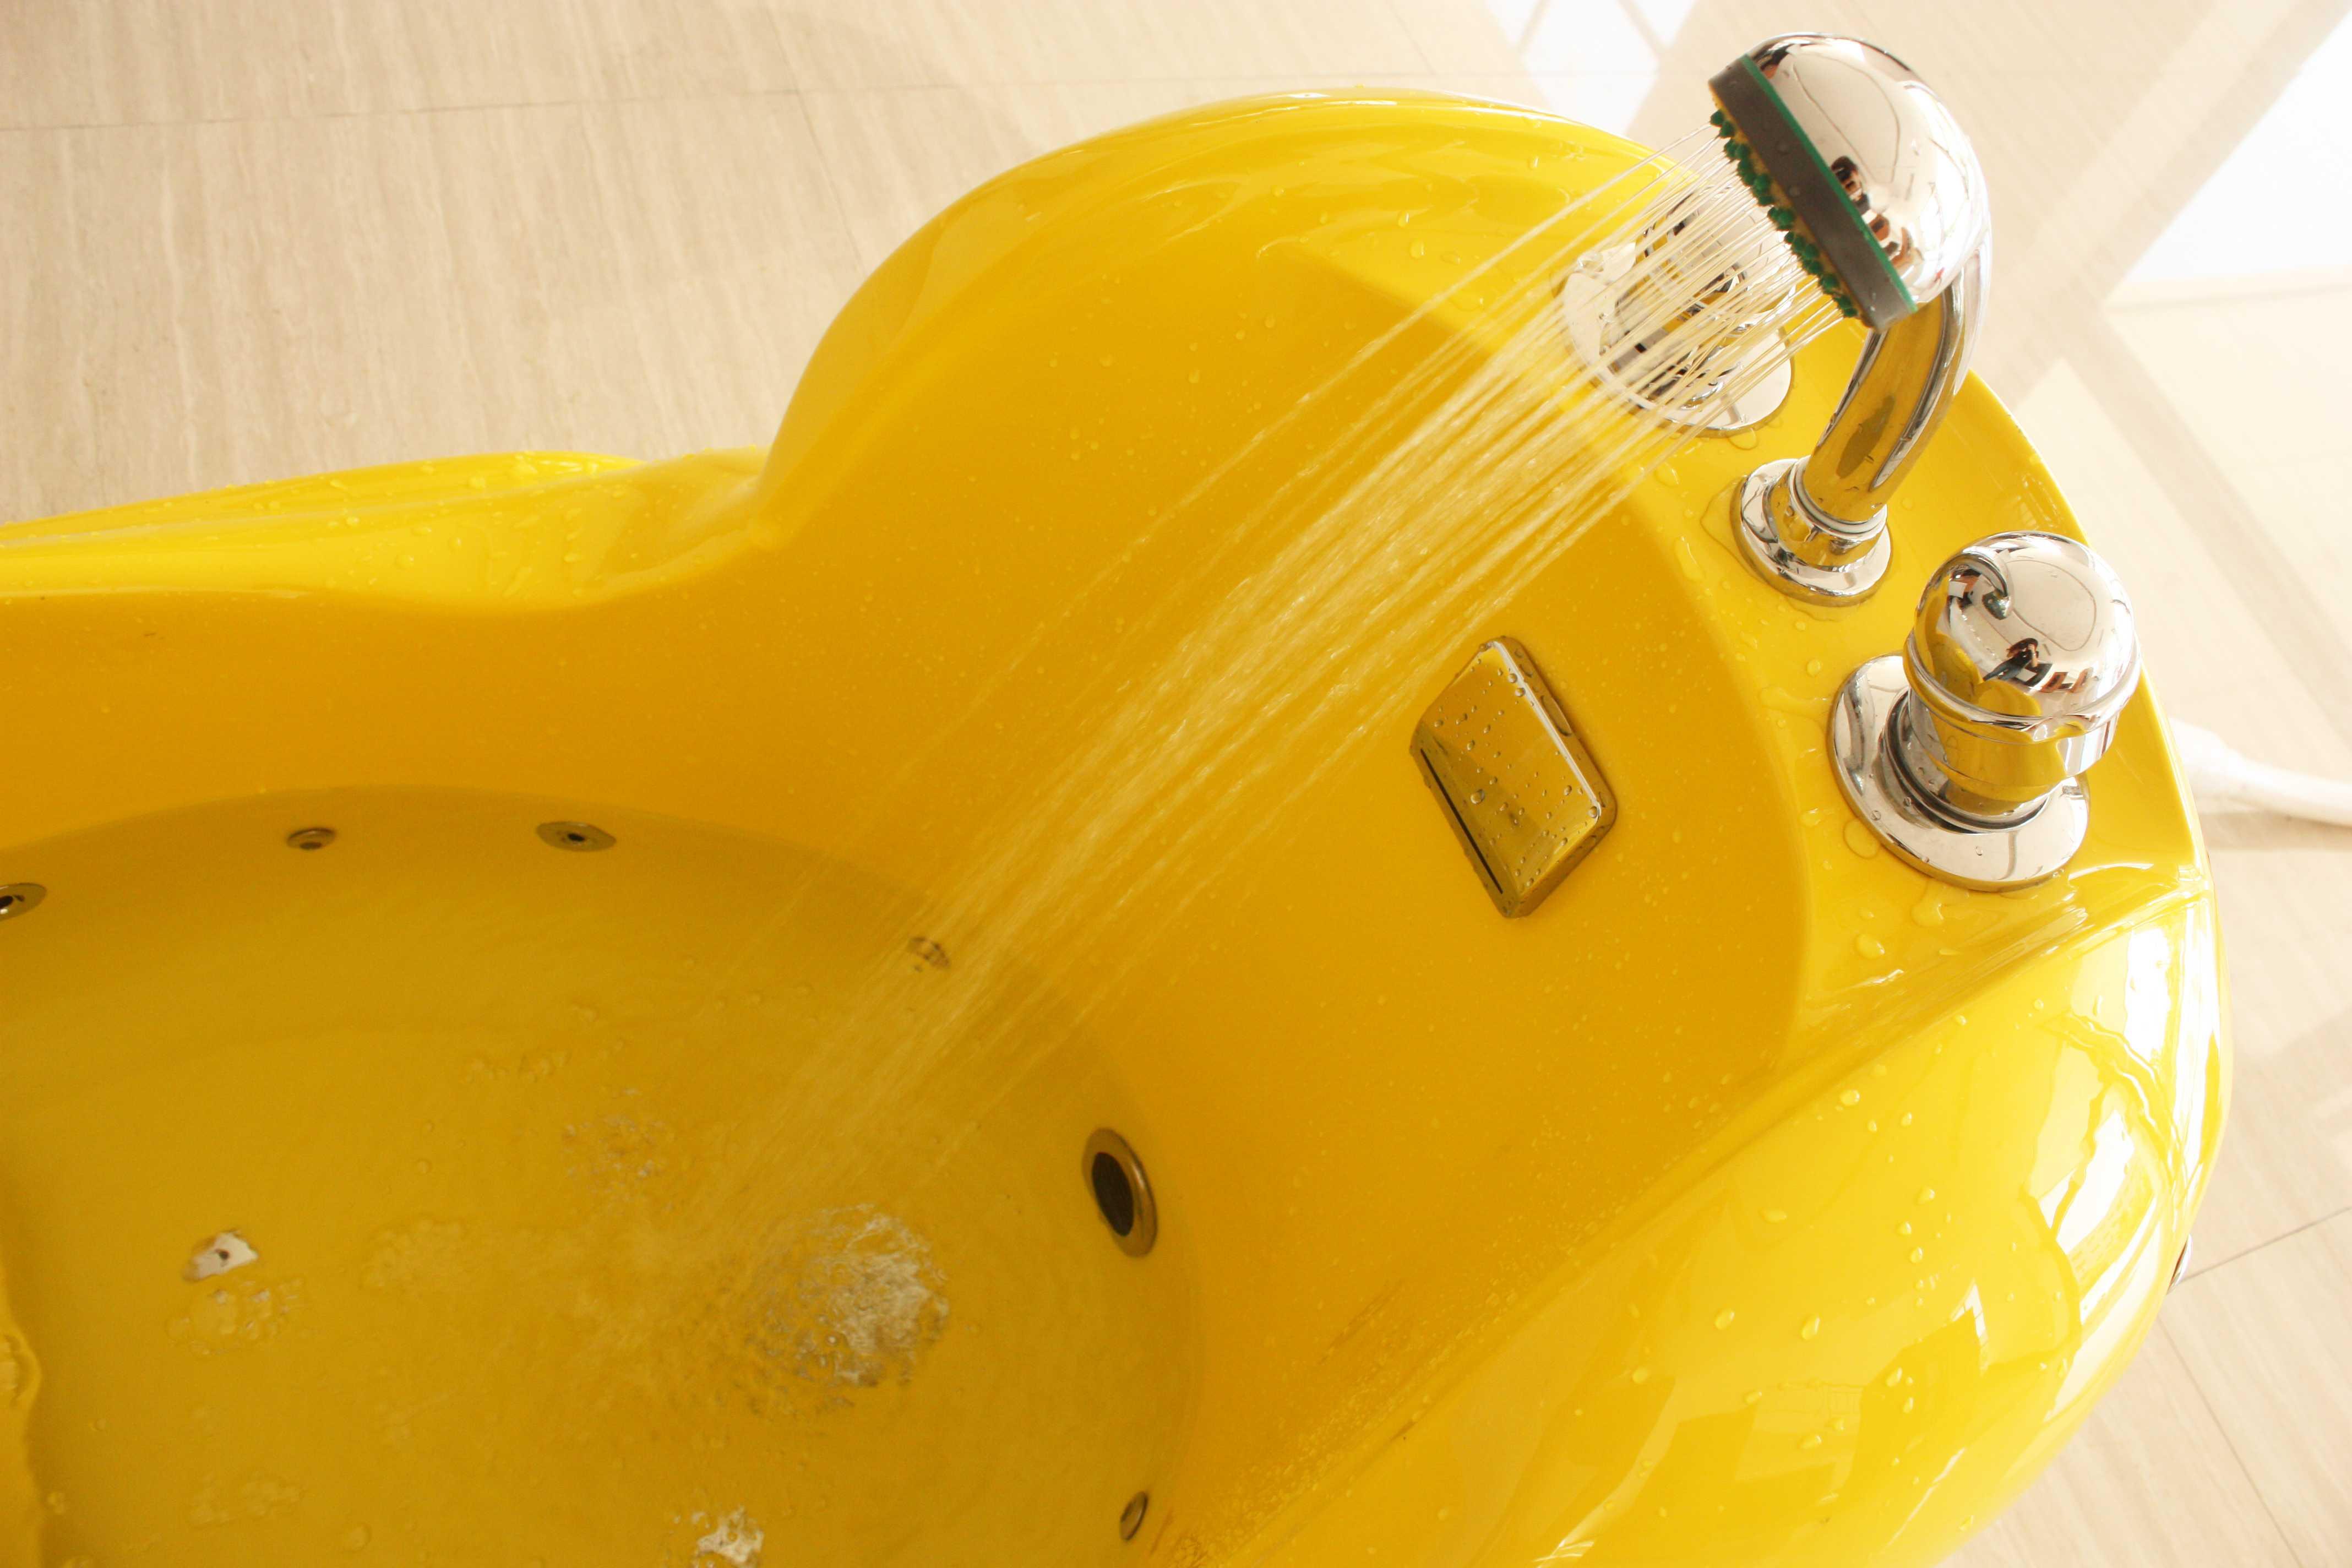 小黃鴨兒童溫水按摩SPA缸4